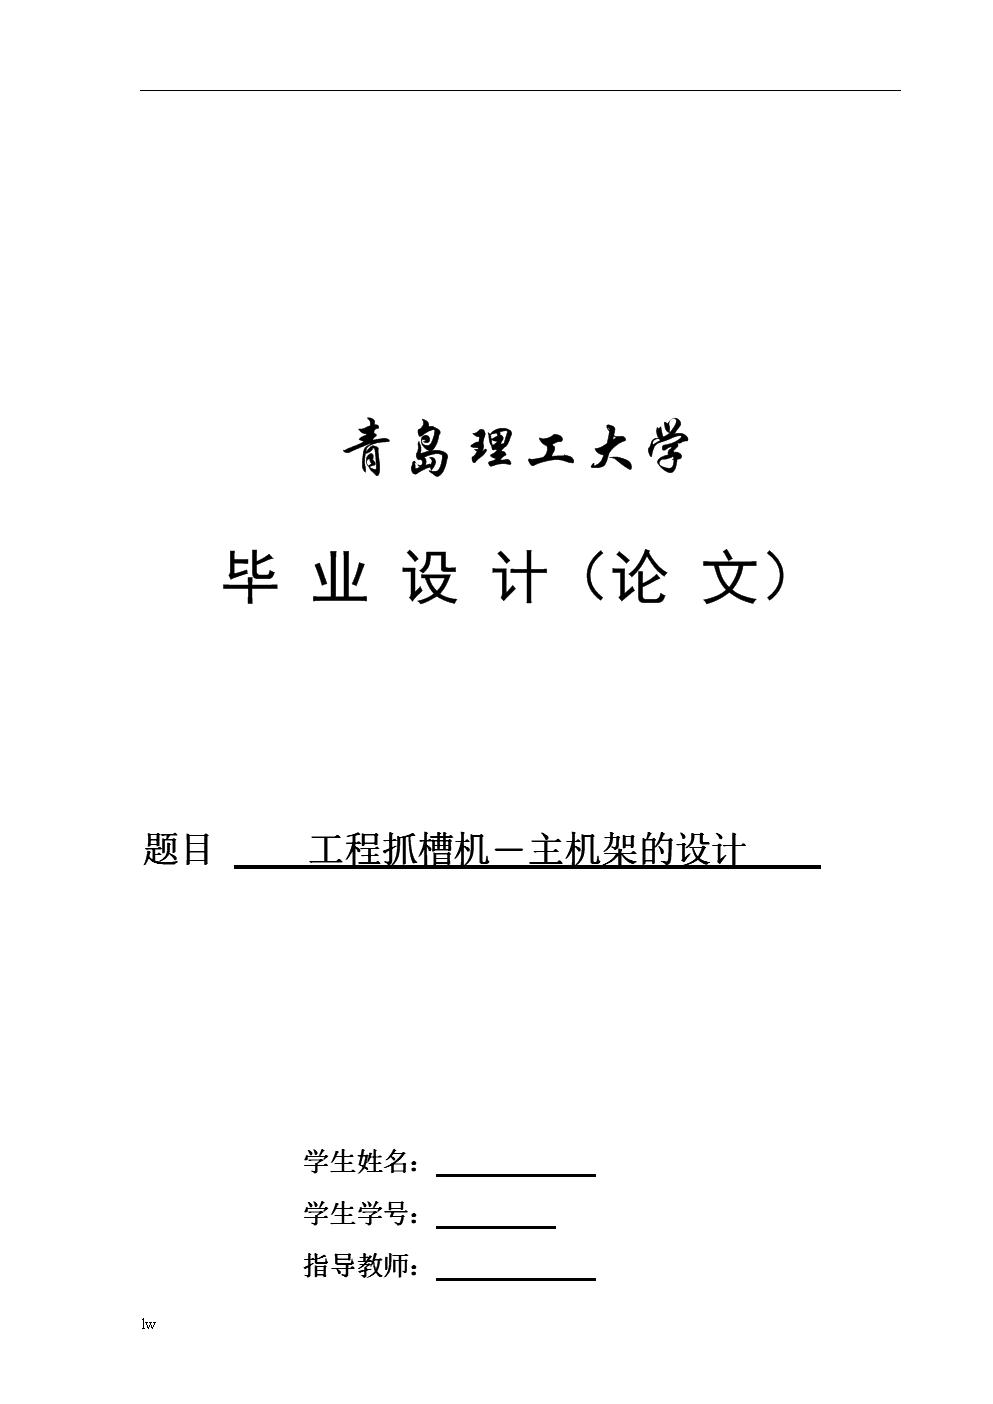 《工程抓槽机―主机架的设计》-毕业设计(论文).doc